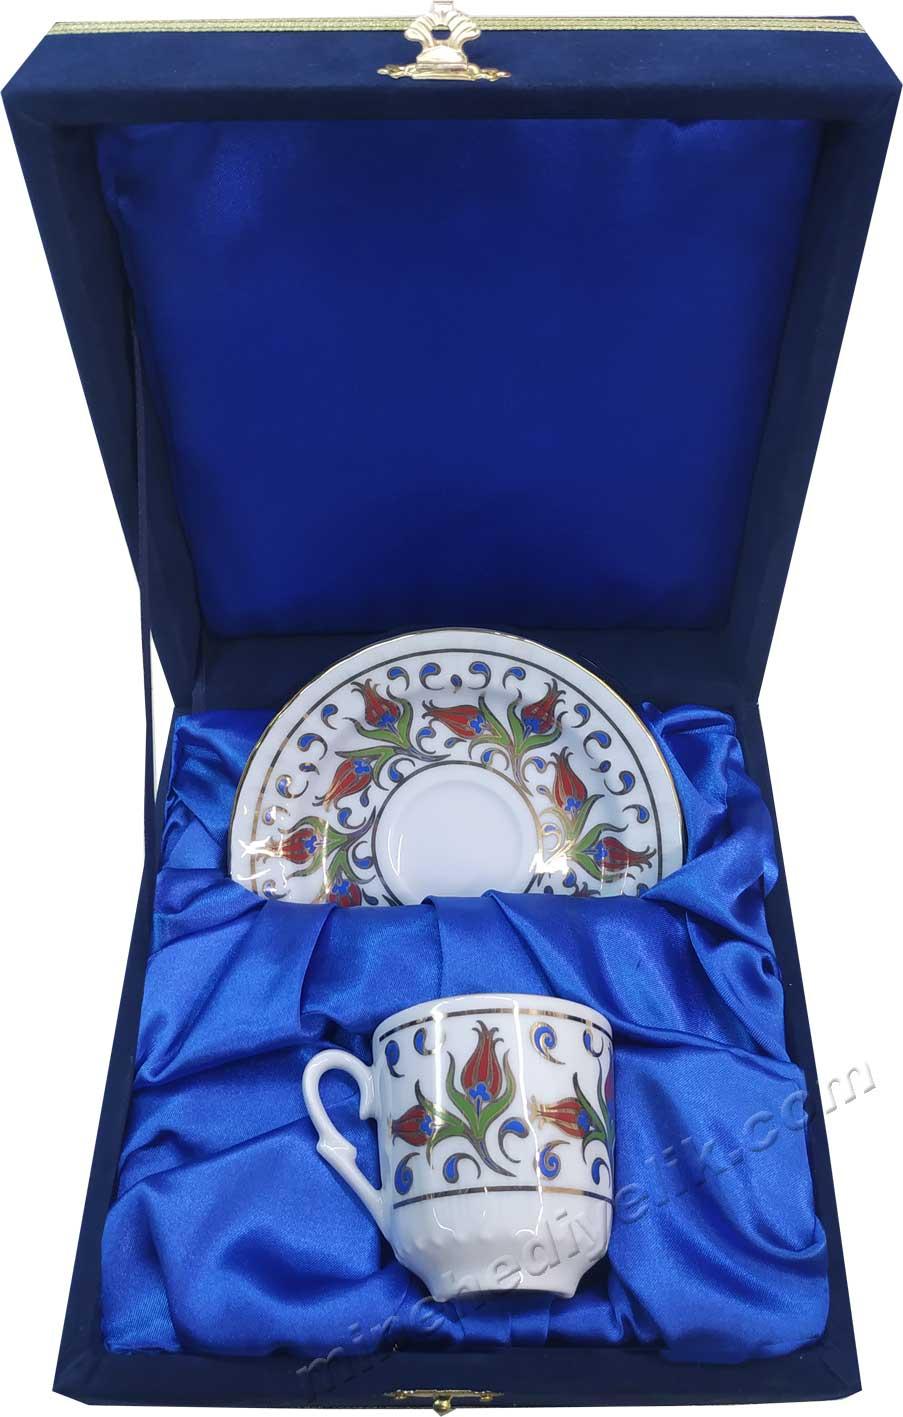 Kadife Kutuda Tek Kişilik Türk Kahvesi Fincan Setleri Hediyelik Kurumsal promosyon ürünleri Bir kişilik Kutulu Dekoratif Türk Kahvesi Fincan Setleri